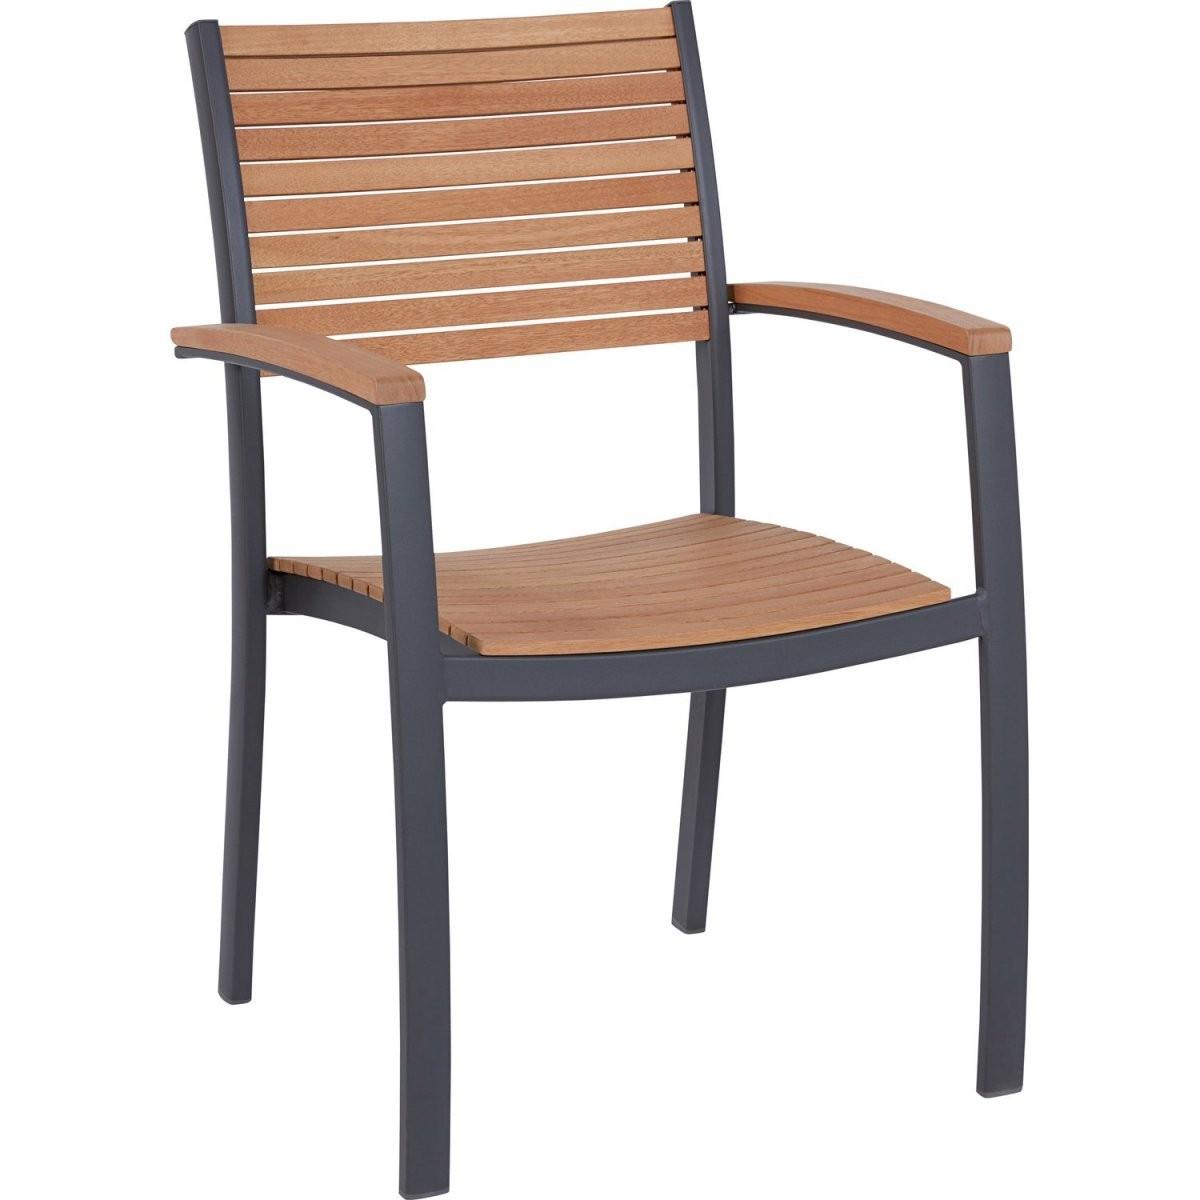 Gartenstühle Online Kaufen Bei Obi von Gartenstühle Alu Hochlehner Stapelbar Bild